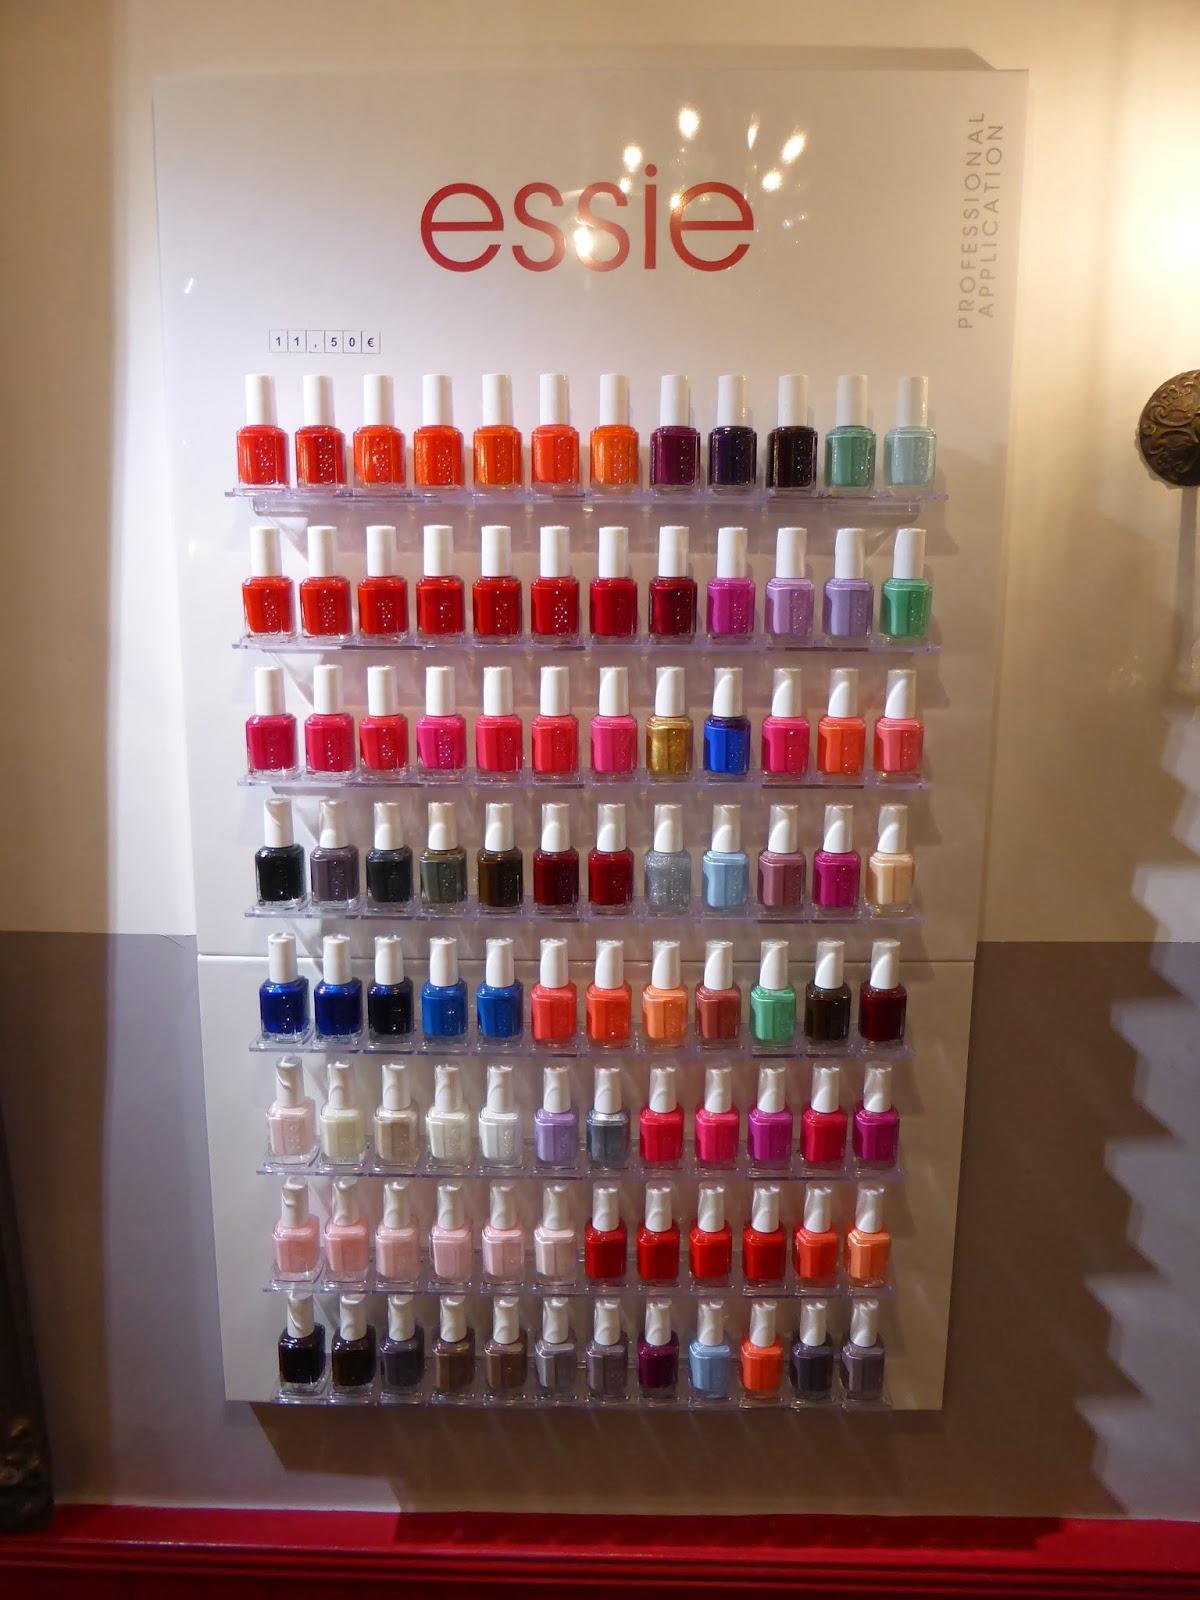 88 nuances de couleur proposés par le Studio 54 dans la gamme de vernis à ongle de la marque Essie.